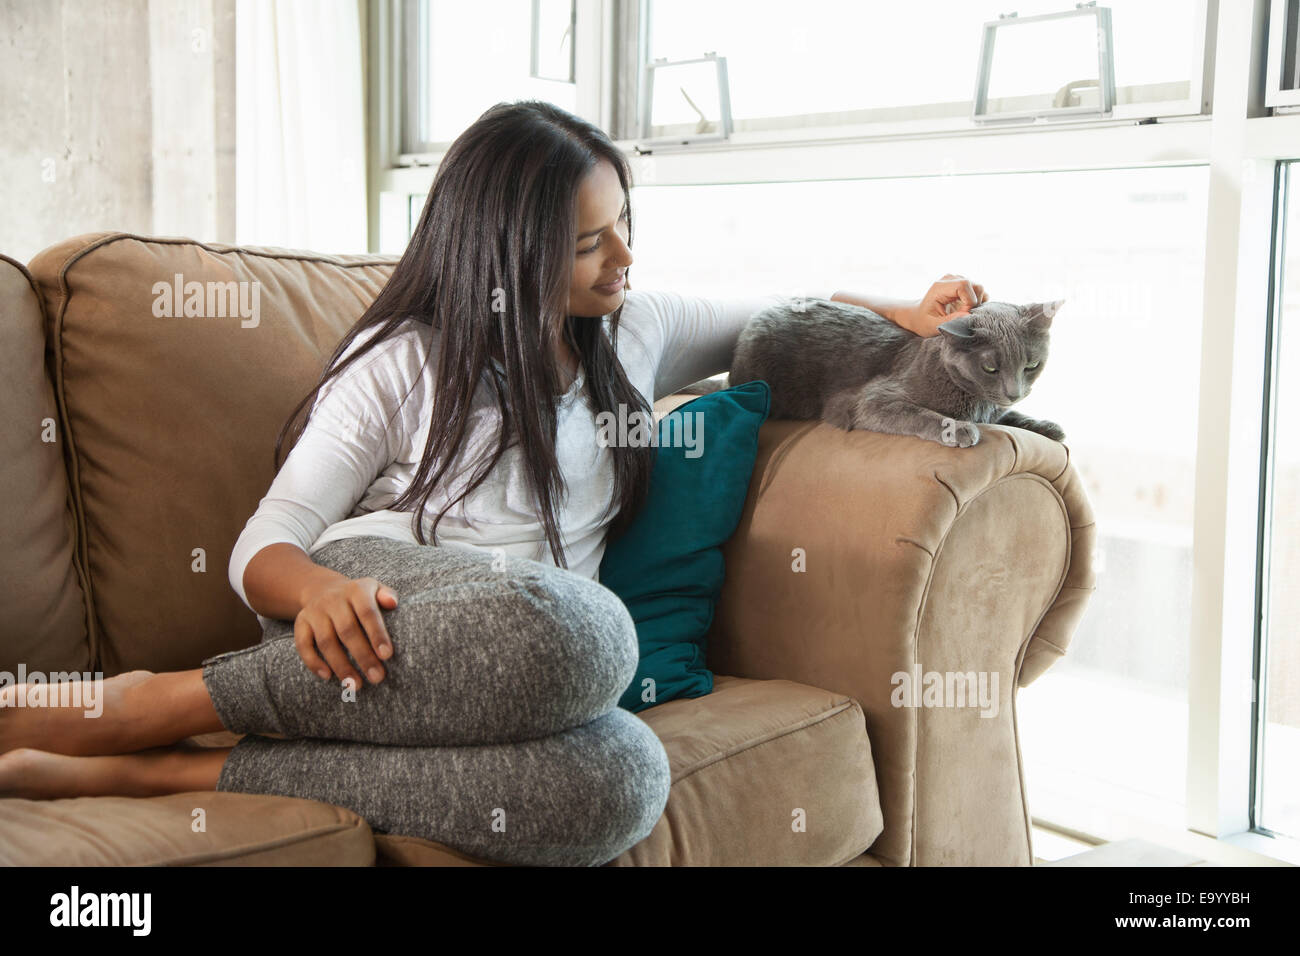 Donna stroking cat sul lettino Immagini Stock